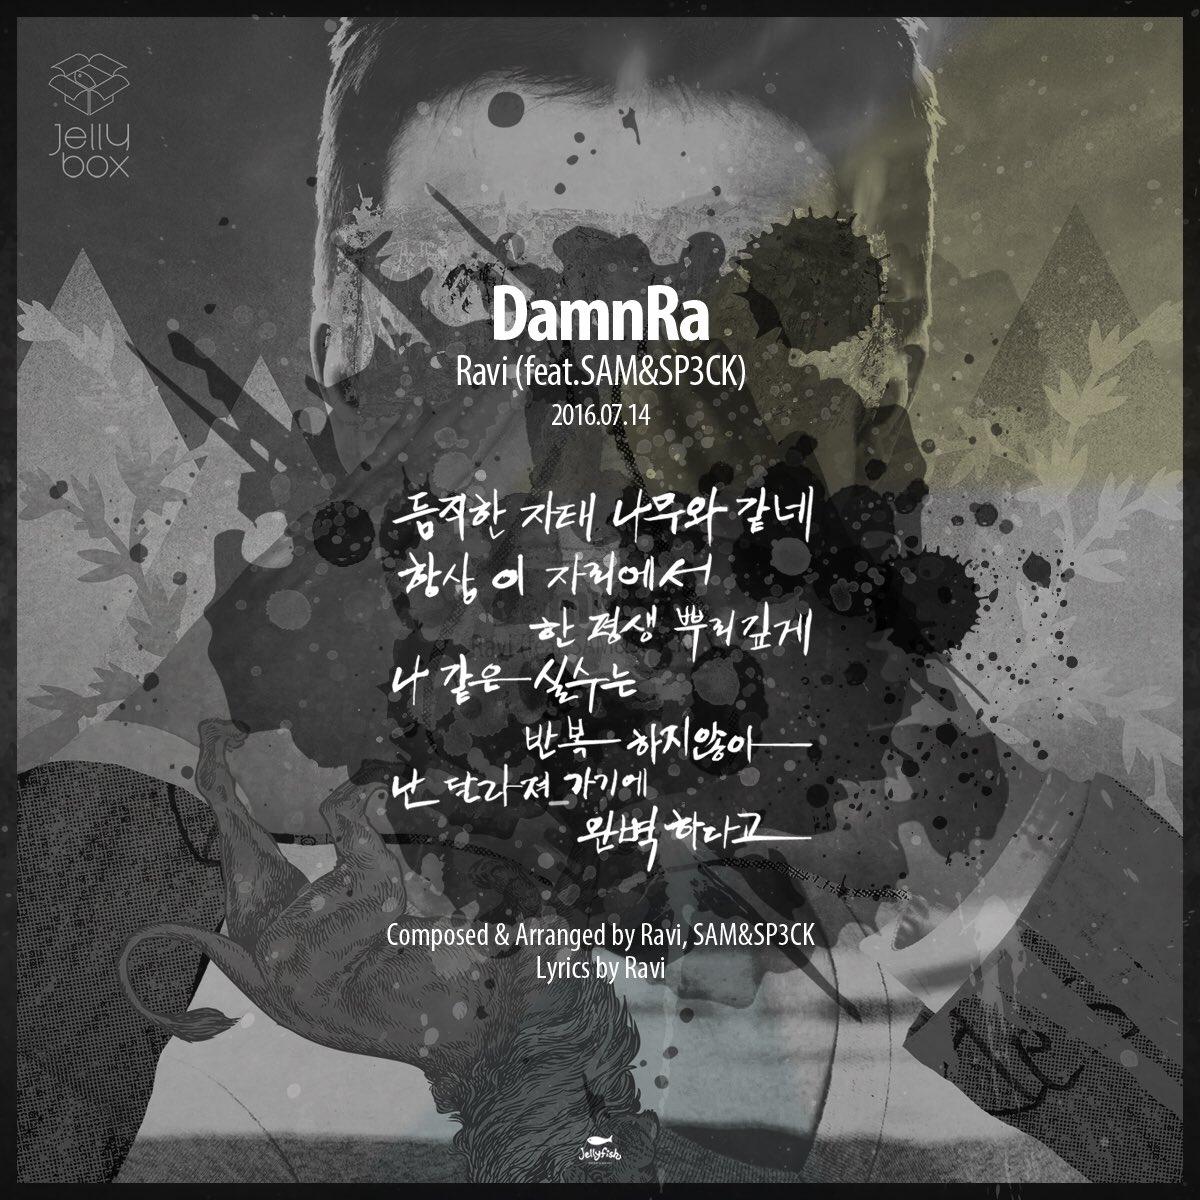 Ravi DamnRa lyrics